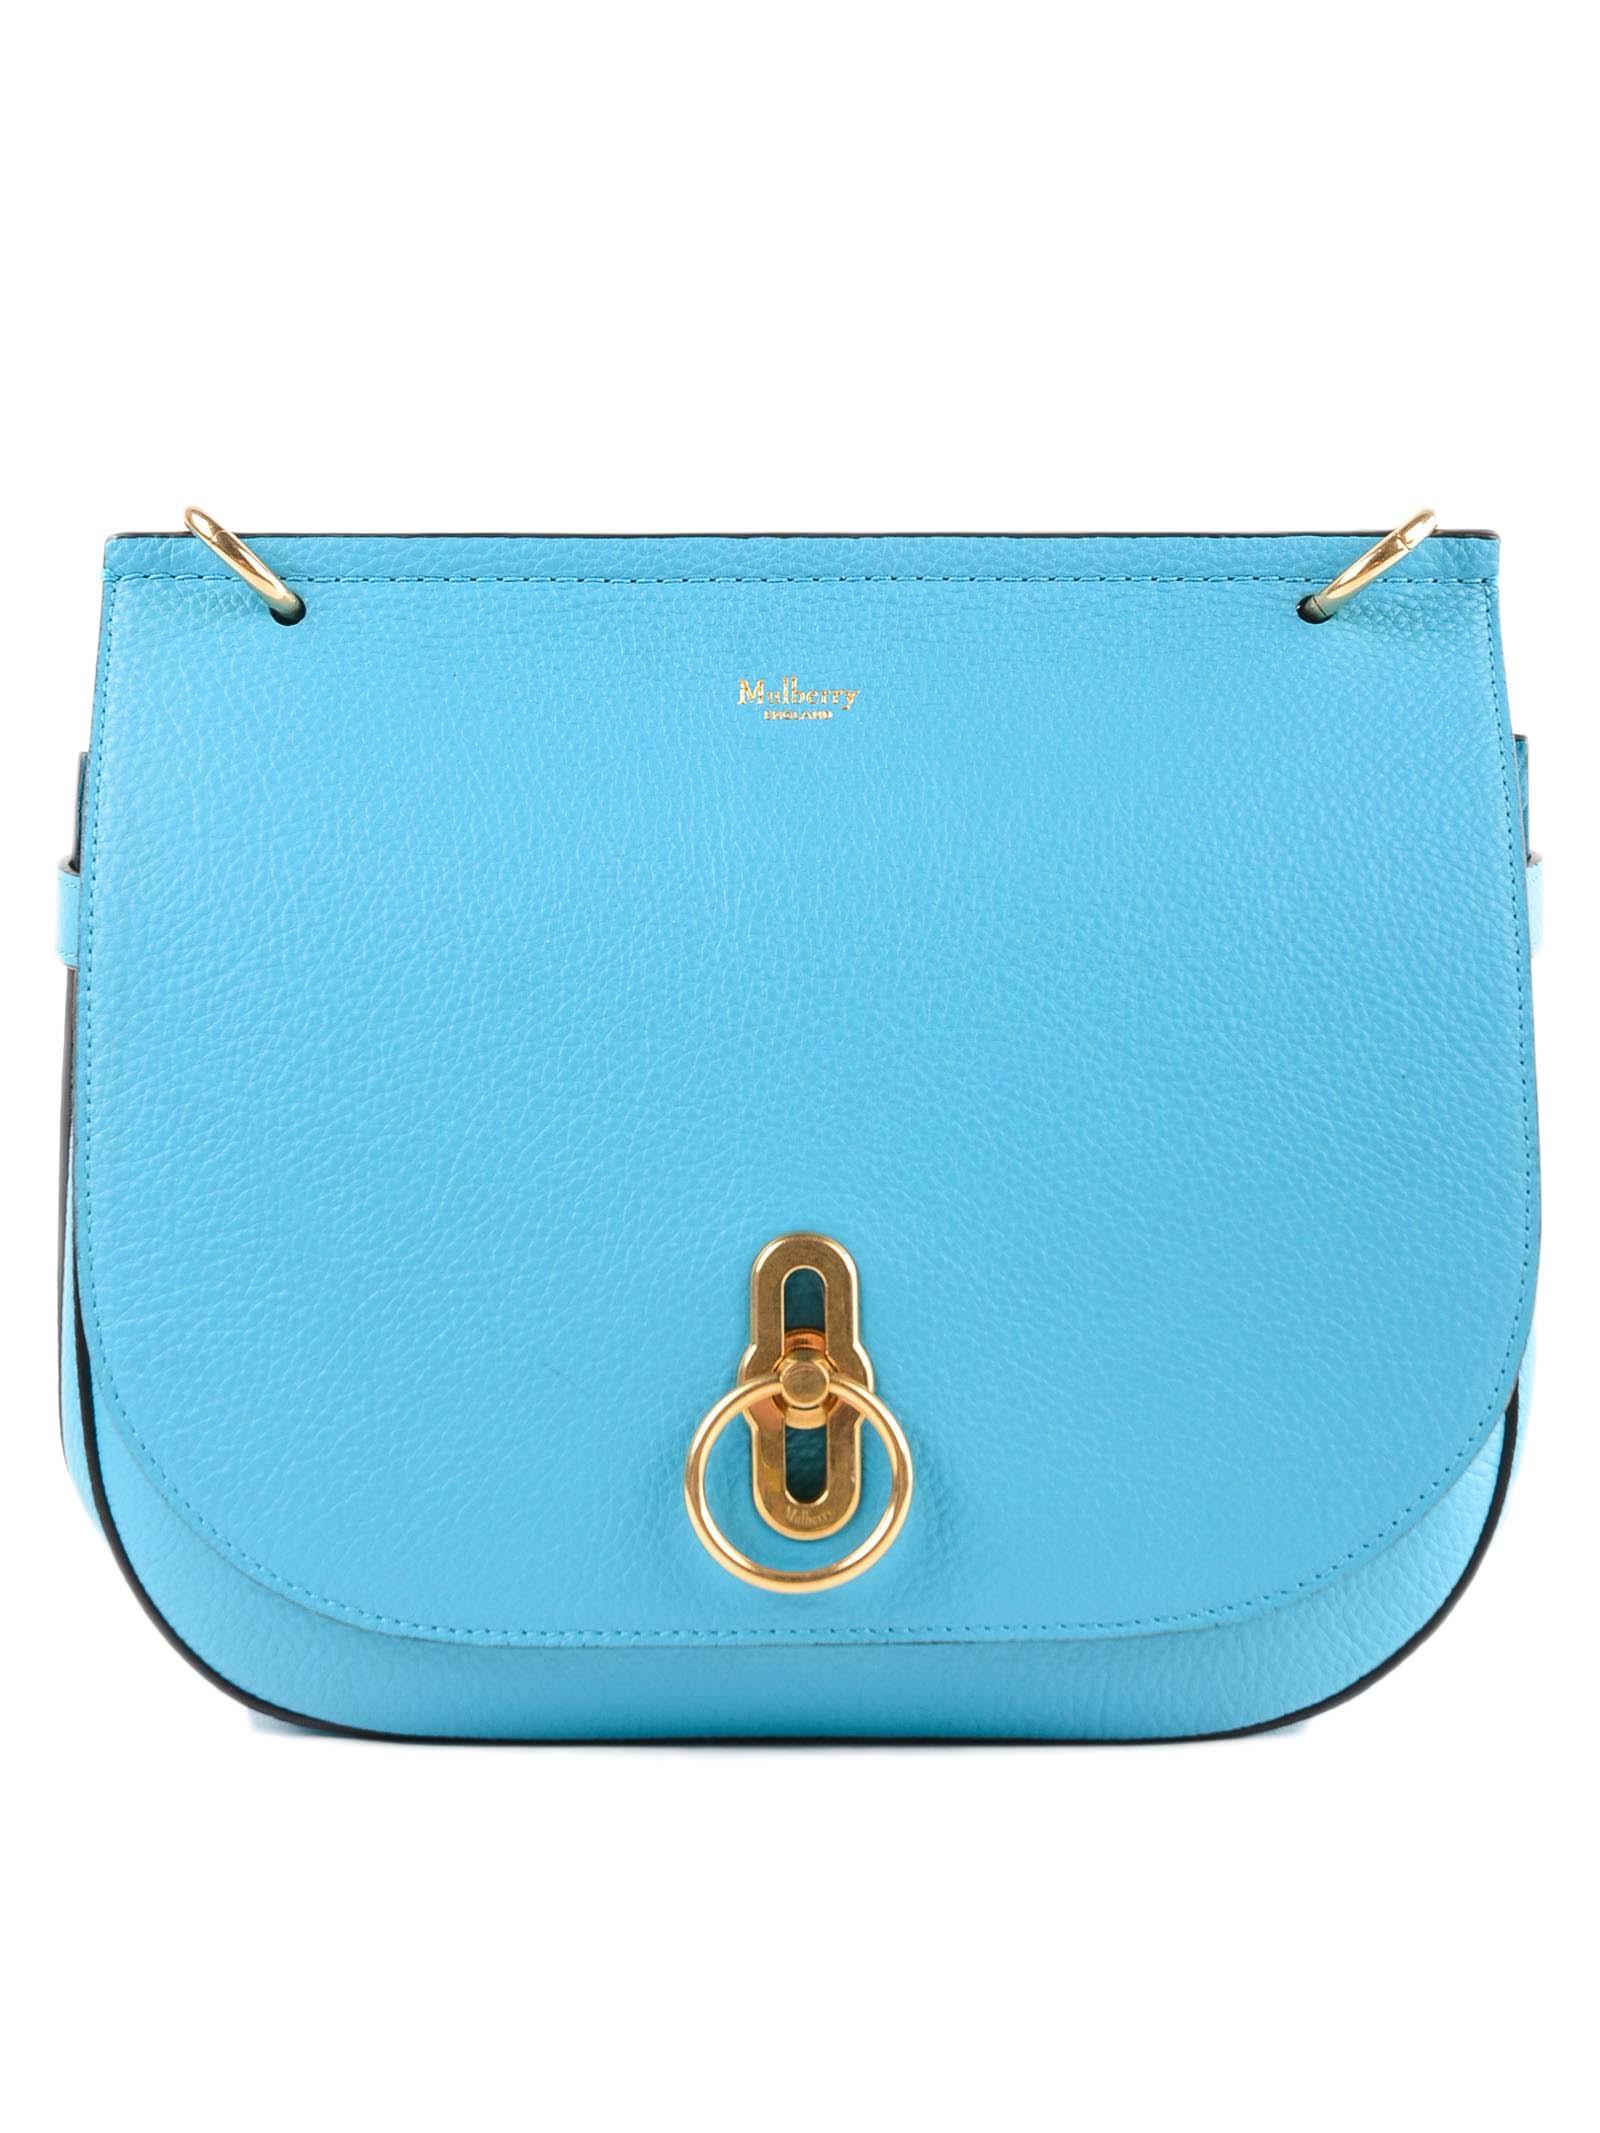 Amberley Shoulder Bag in Uazure